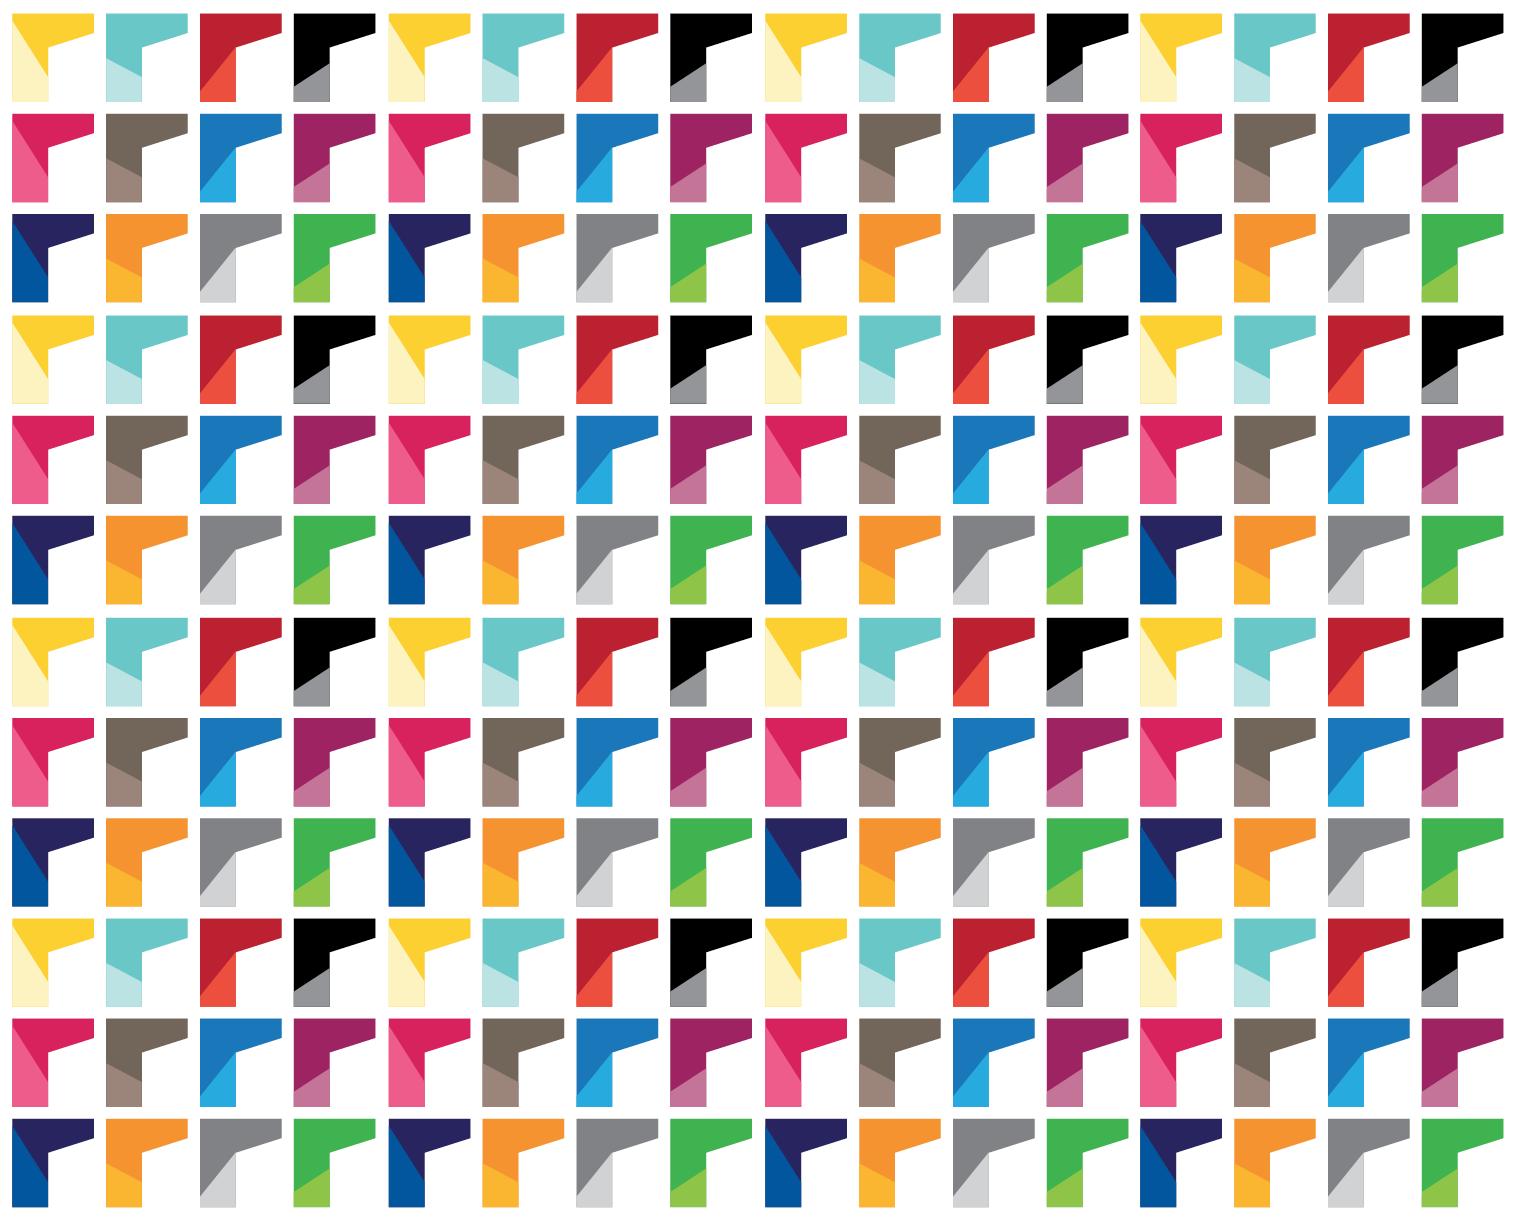 Full colour brand pattern